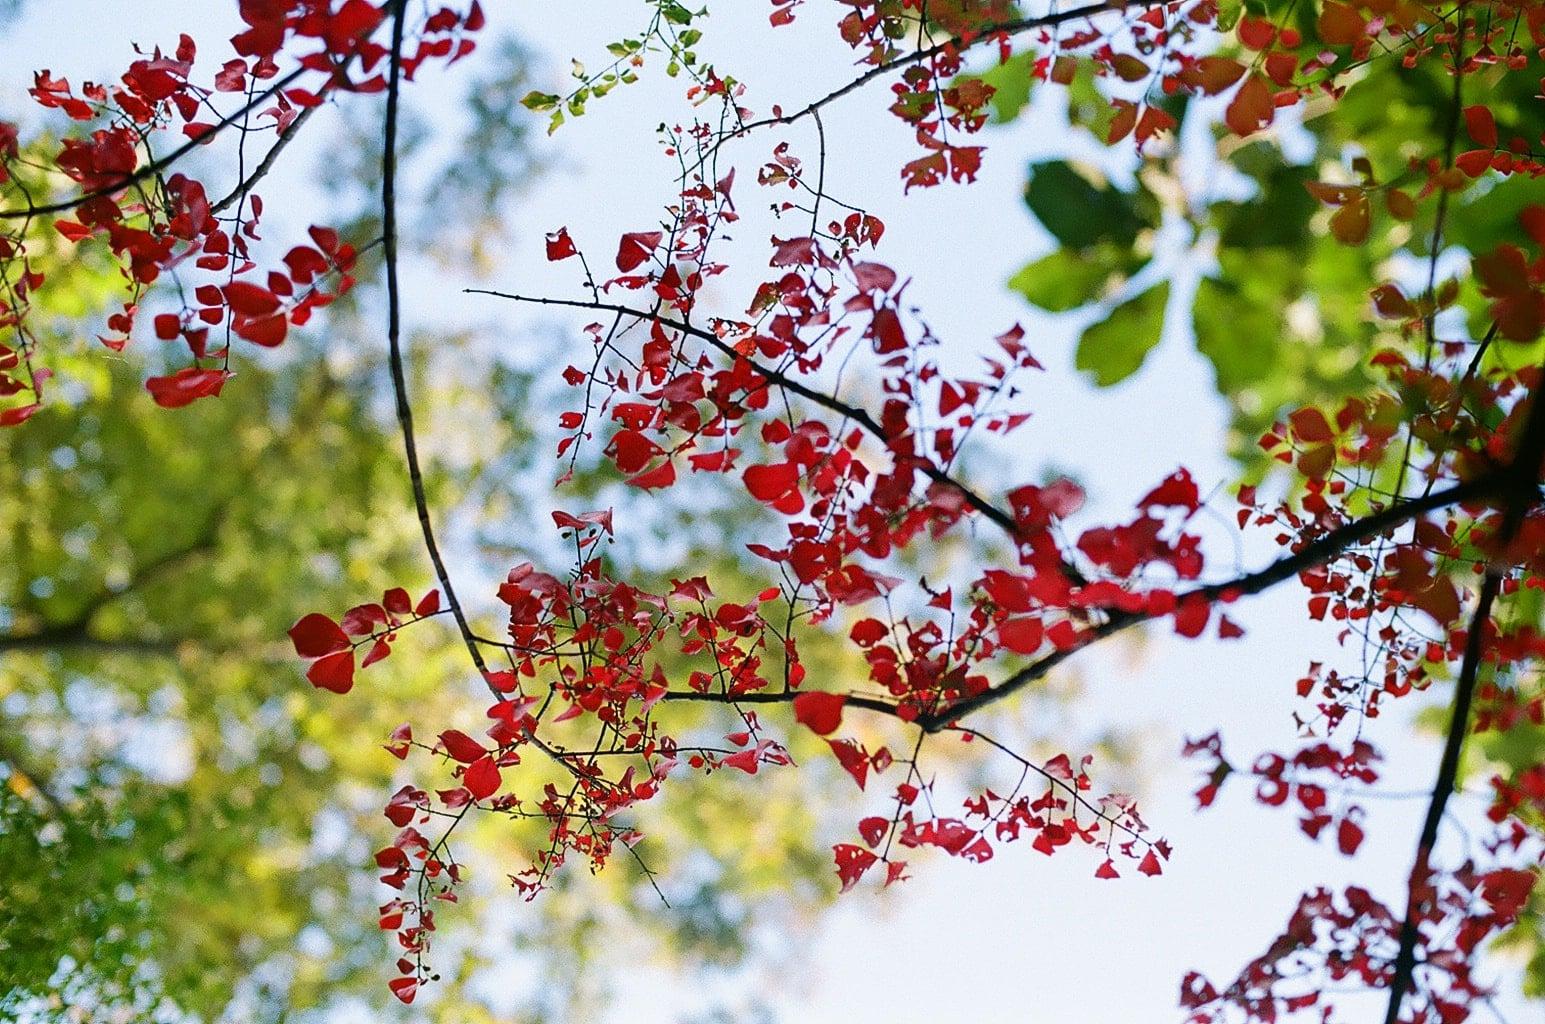 立冬イメージ 紅葉の落葉